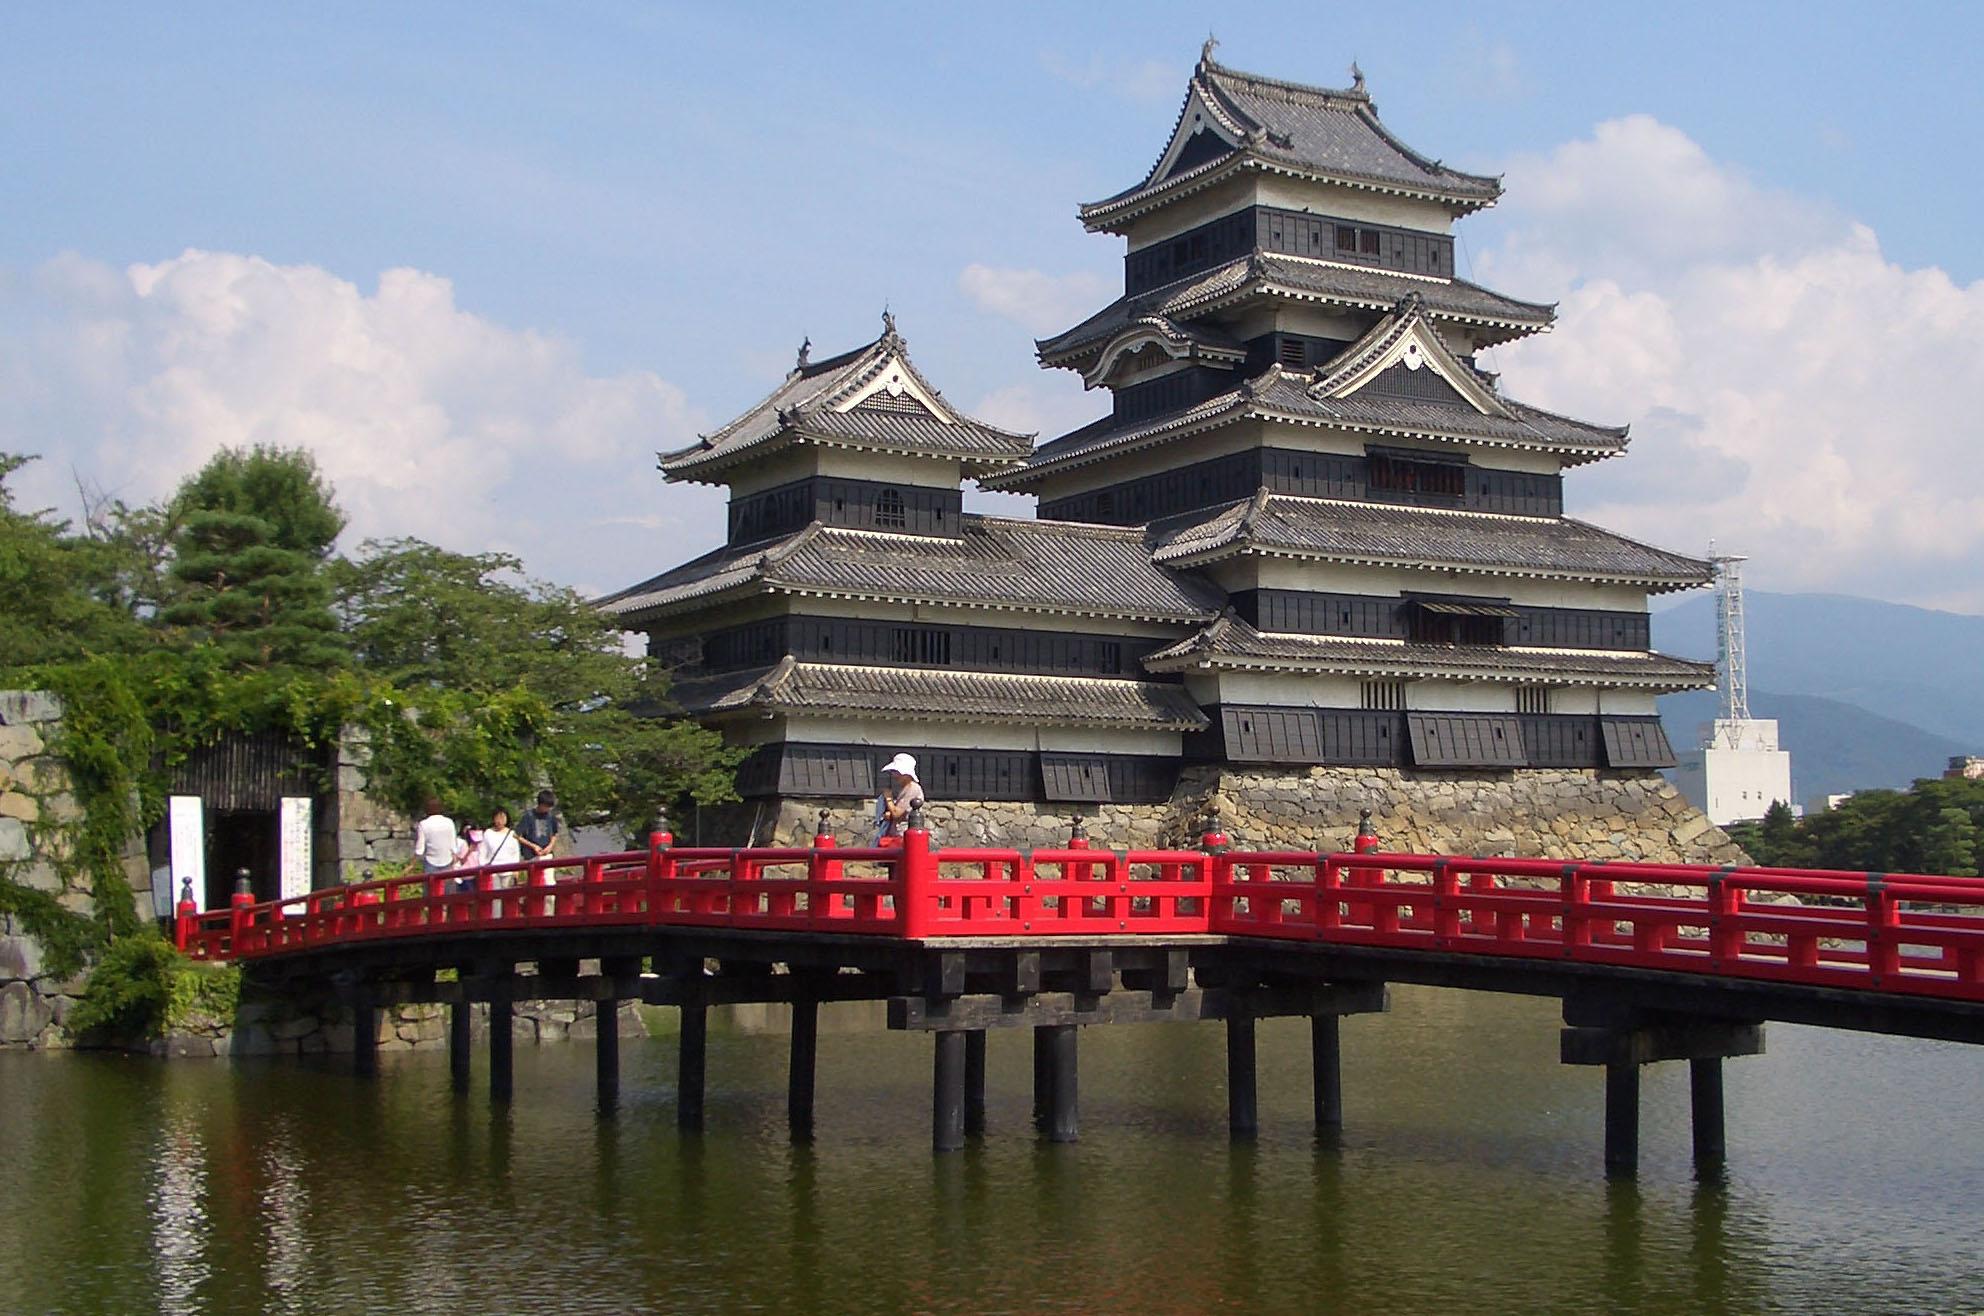 Matsumoto Castle and museum  North London Budo Dojo - Iaido Kobudo Martial A...